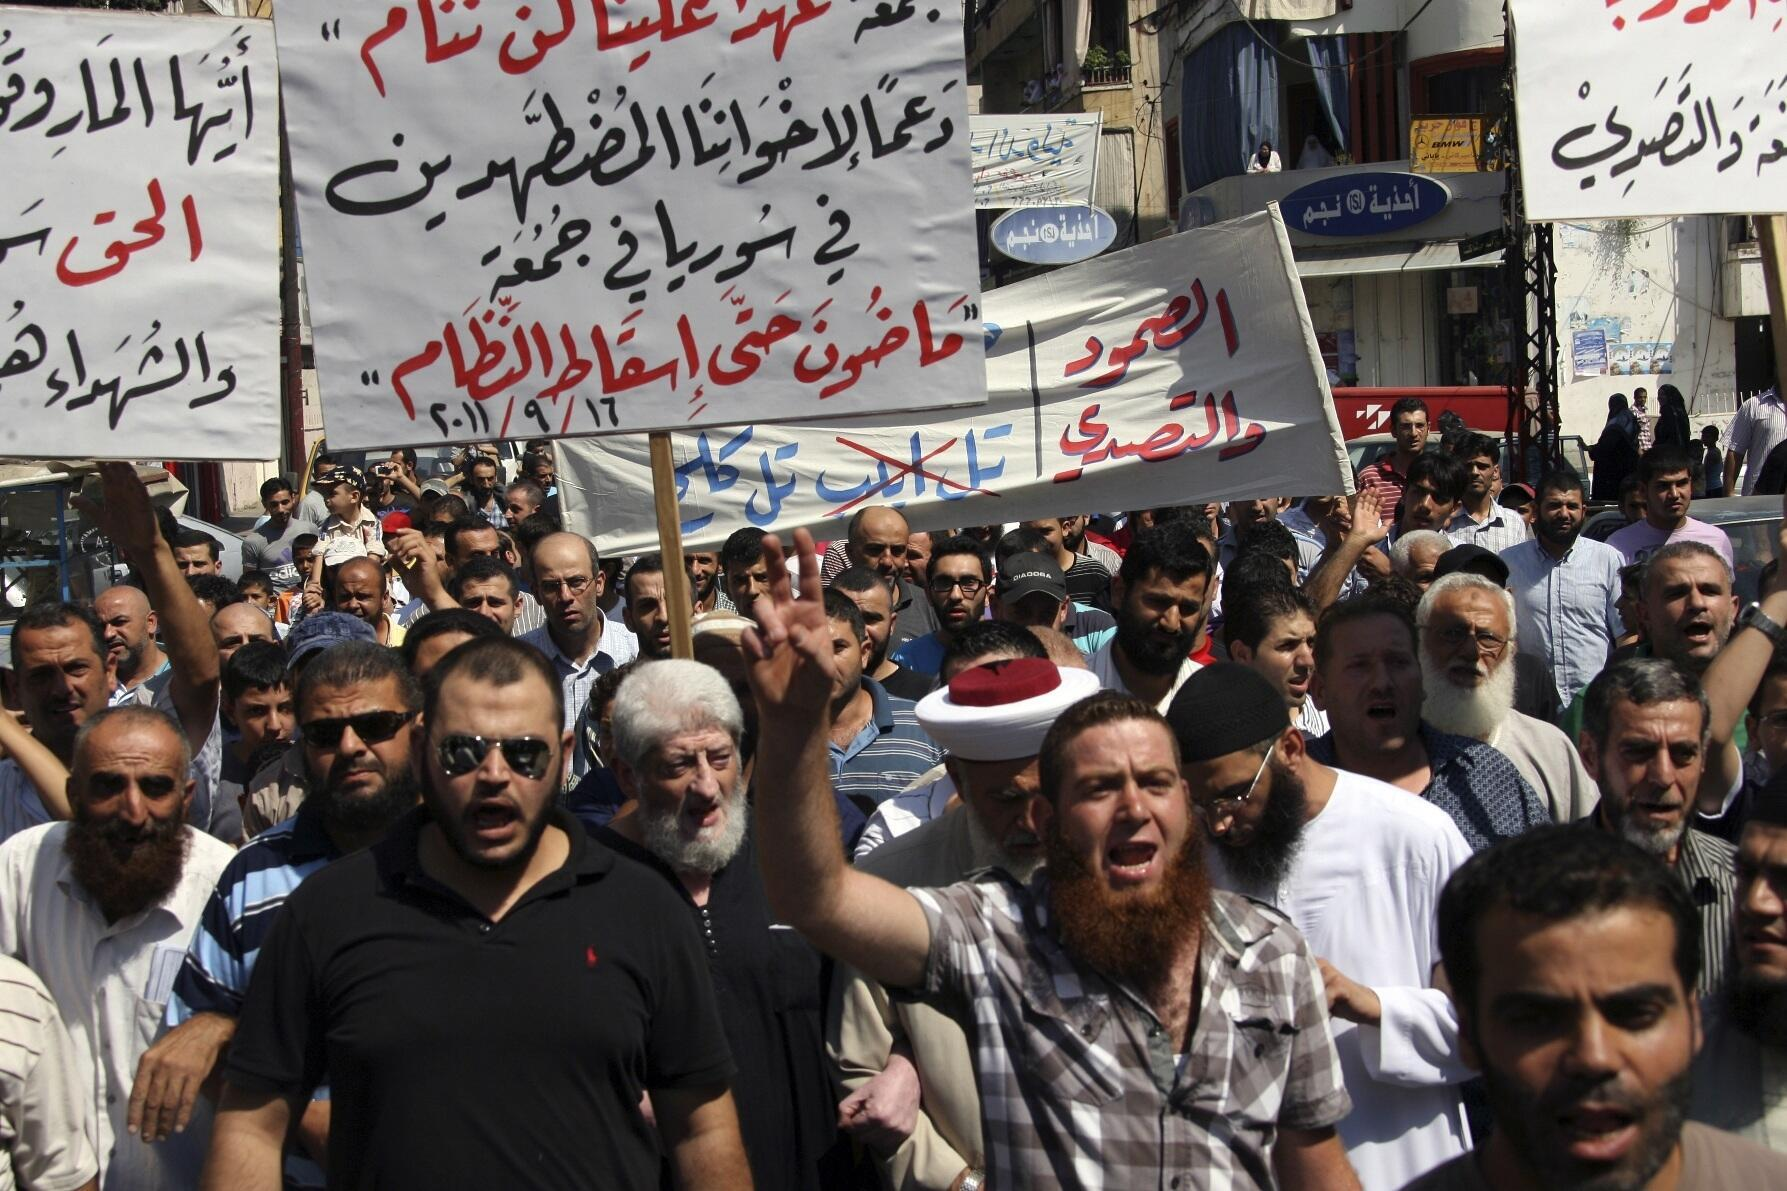 Biểu tình chống Bachar el-Assad tại Liban.